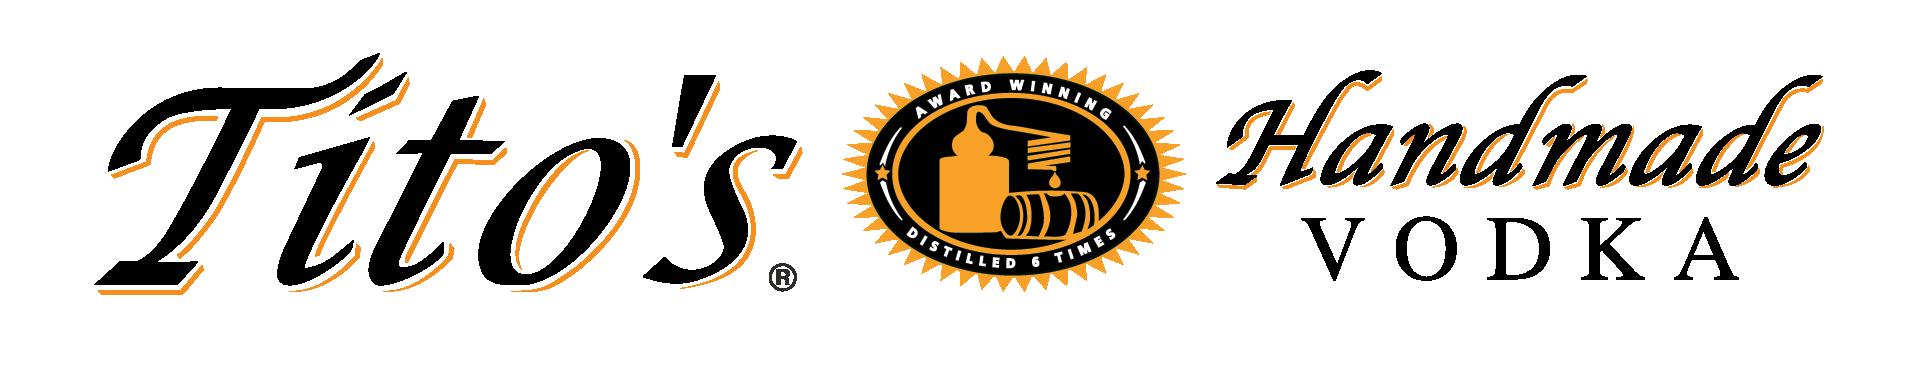 Event Sponsor - Titos Vokda - Logo